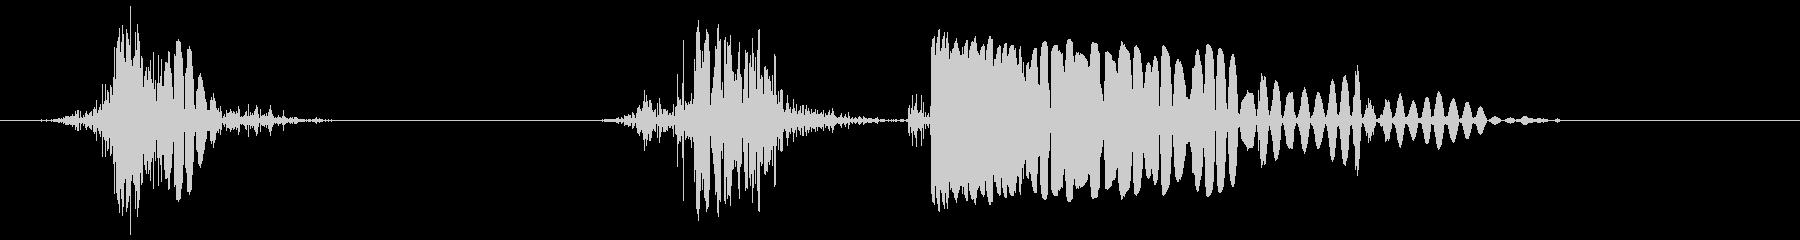 ホイップアンドハードアックスチョップ2の未再生の波形